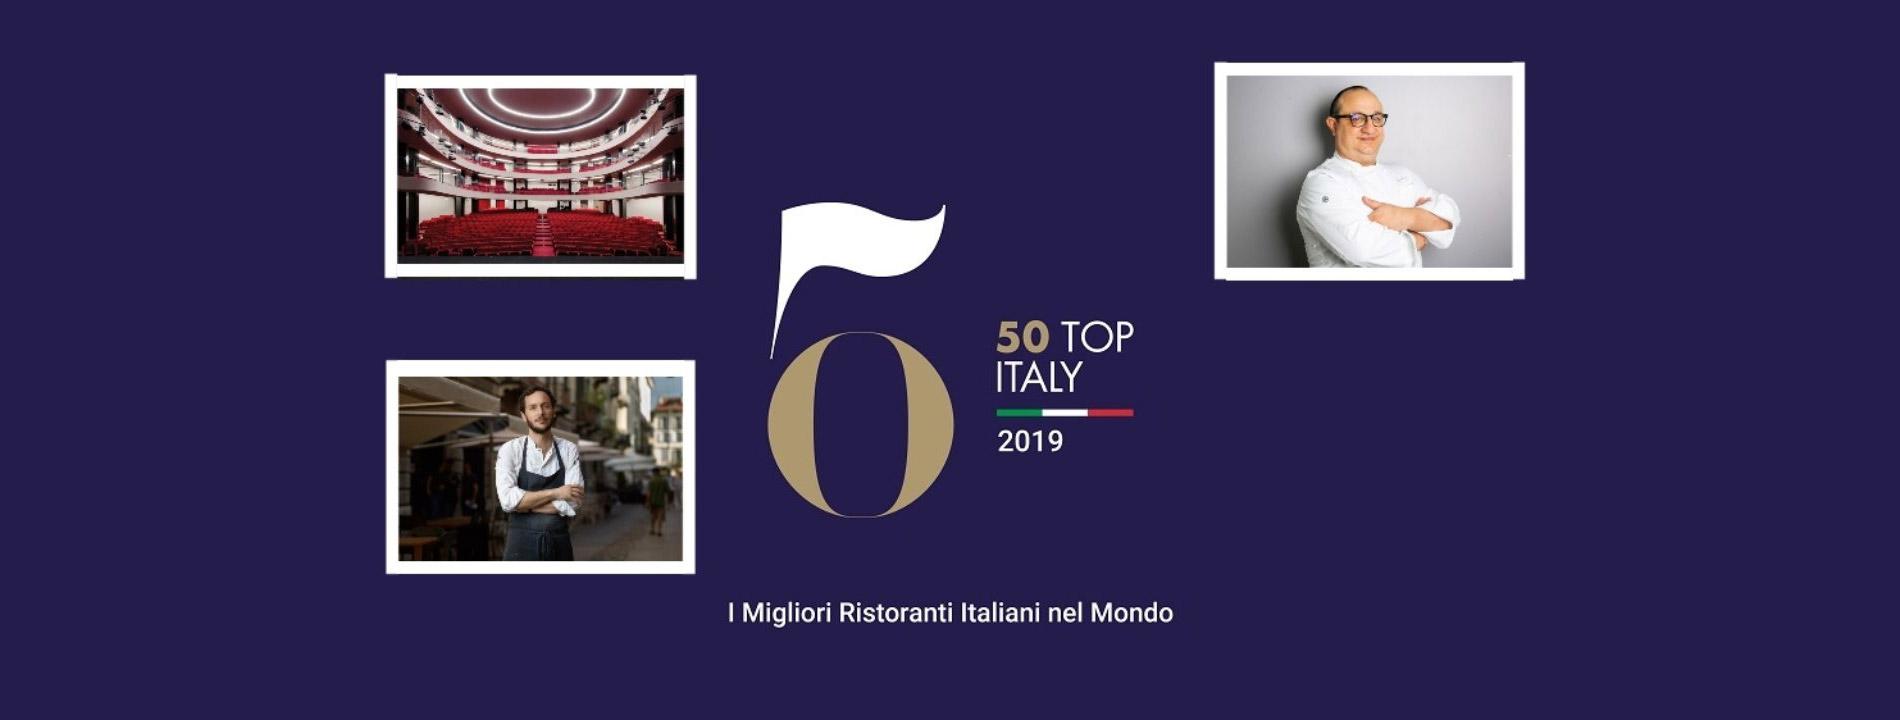 top_50_Italy-migliori-ristoranti-italia